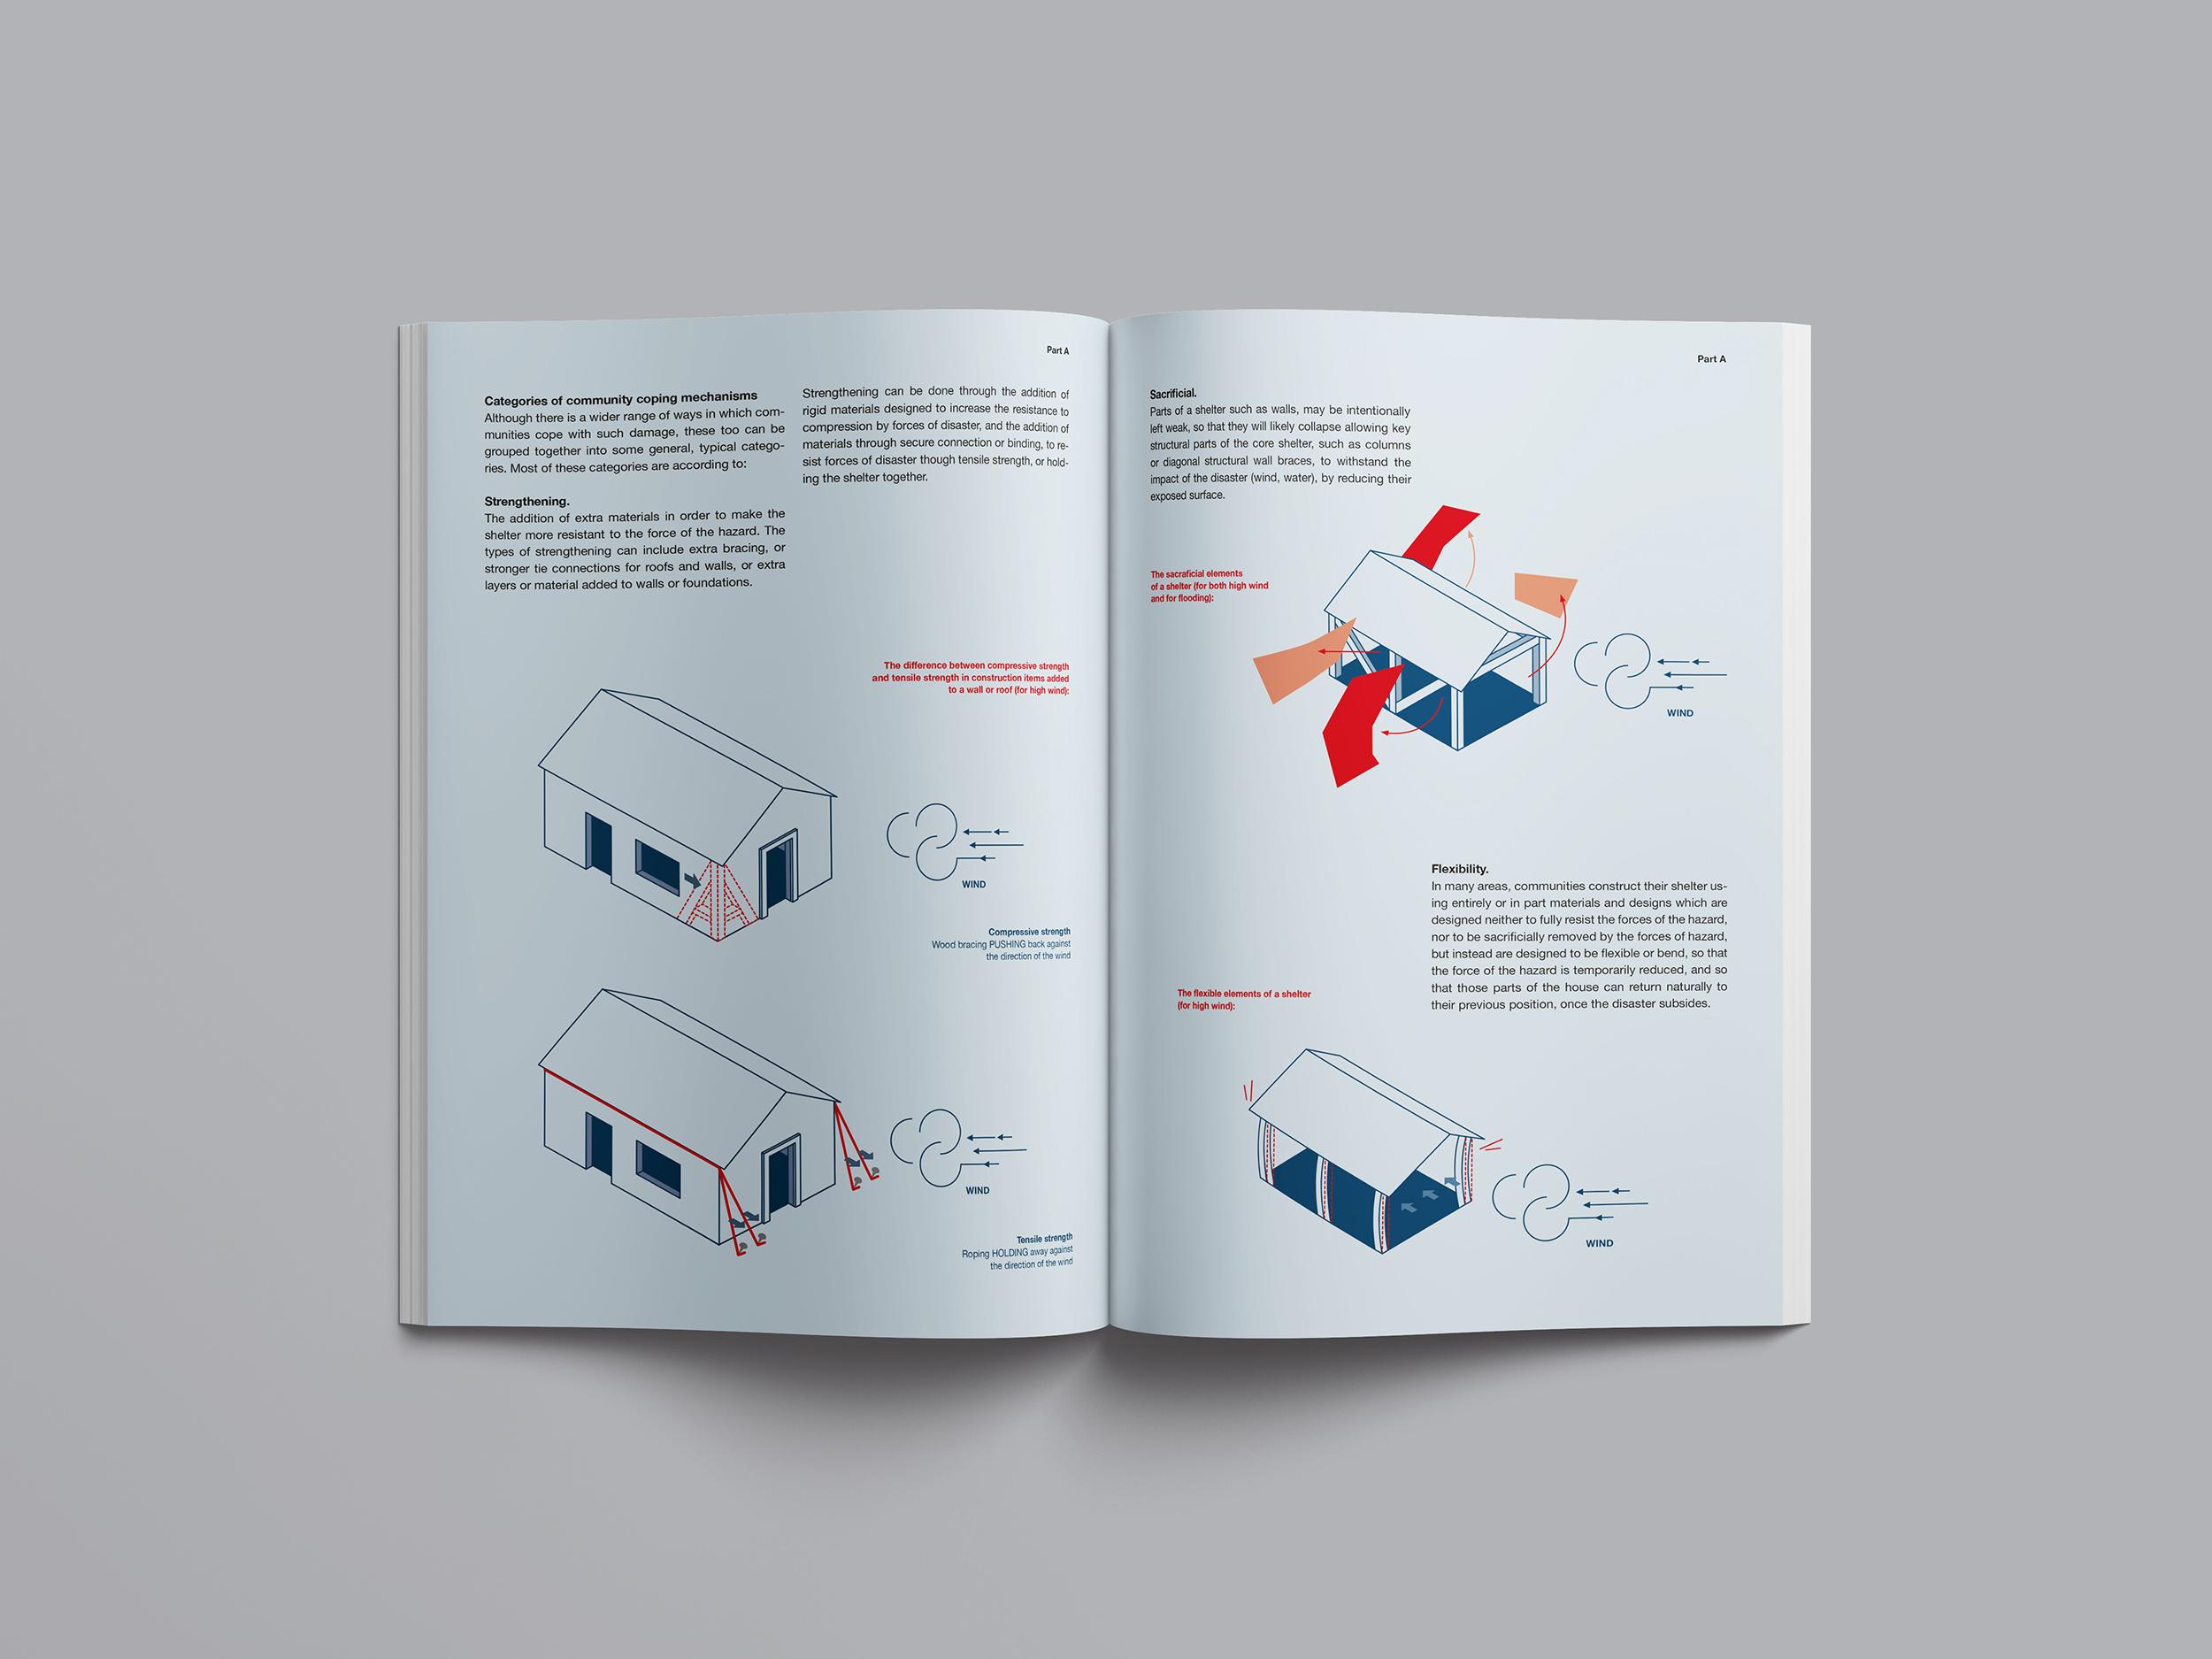 Doppelseite 02 (DRK, Shelter Guide)